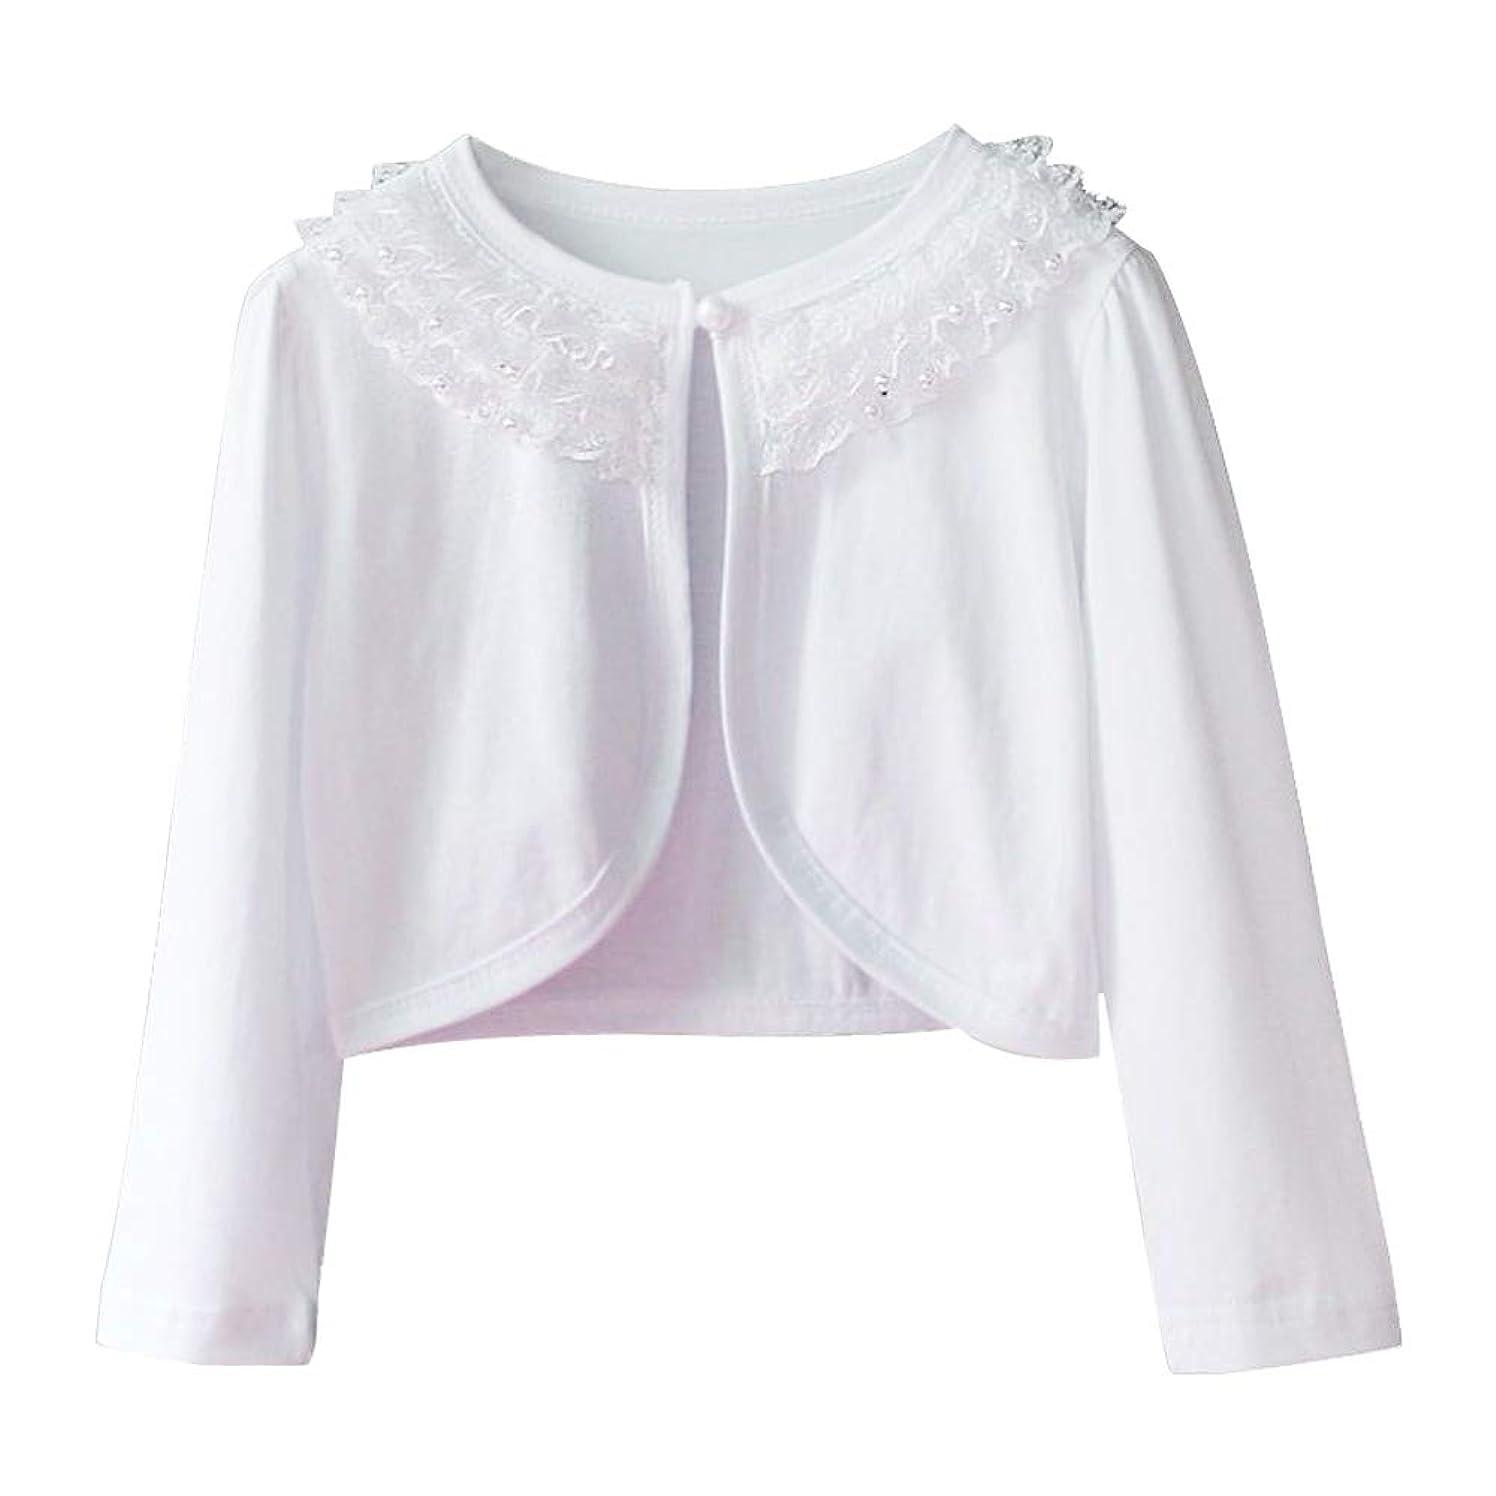 CHENXIN Girl Shrugs Knit Long Sleeve Lace Bolero Cardigan Shrug